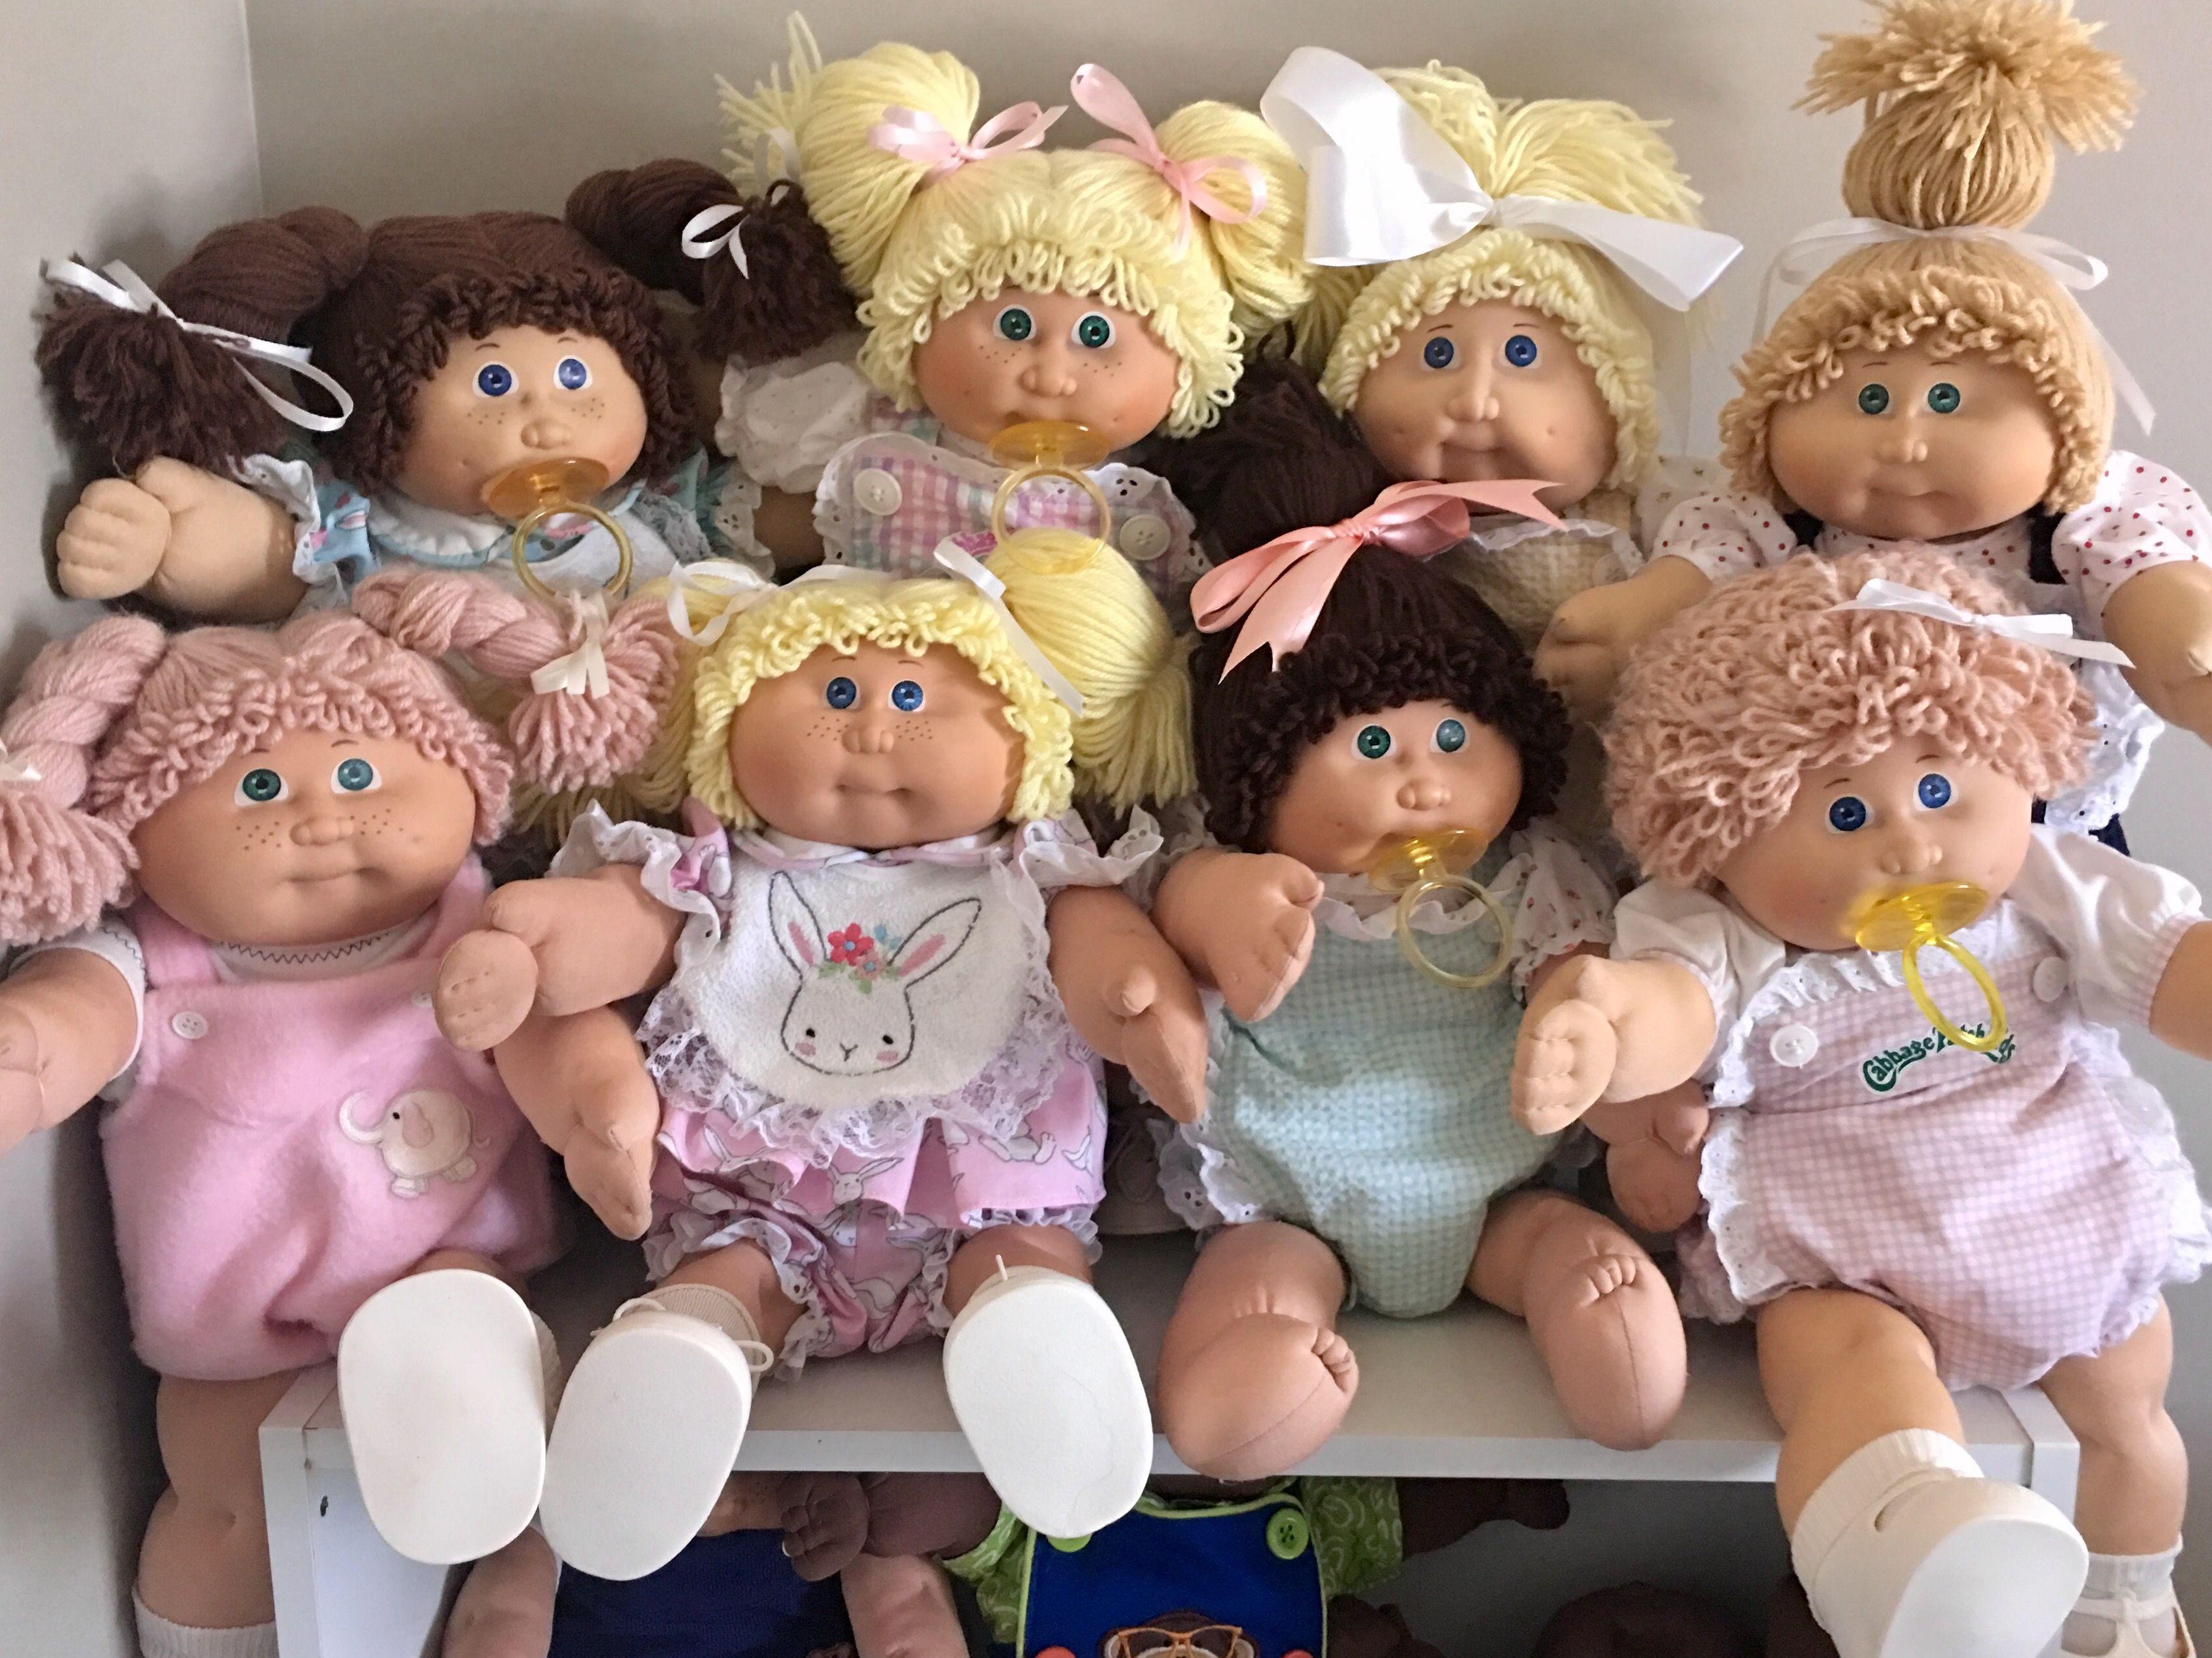 My Jesmar Girls Minus One Cabbage Patch Babies Cabbage Patch Dolls Cabbage Patch Kids Dolls